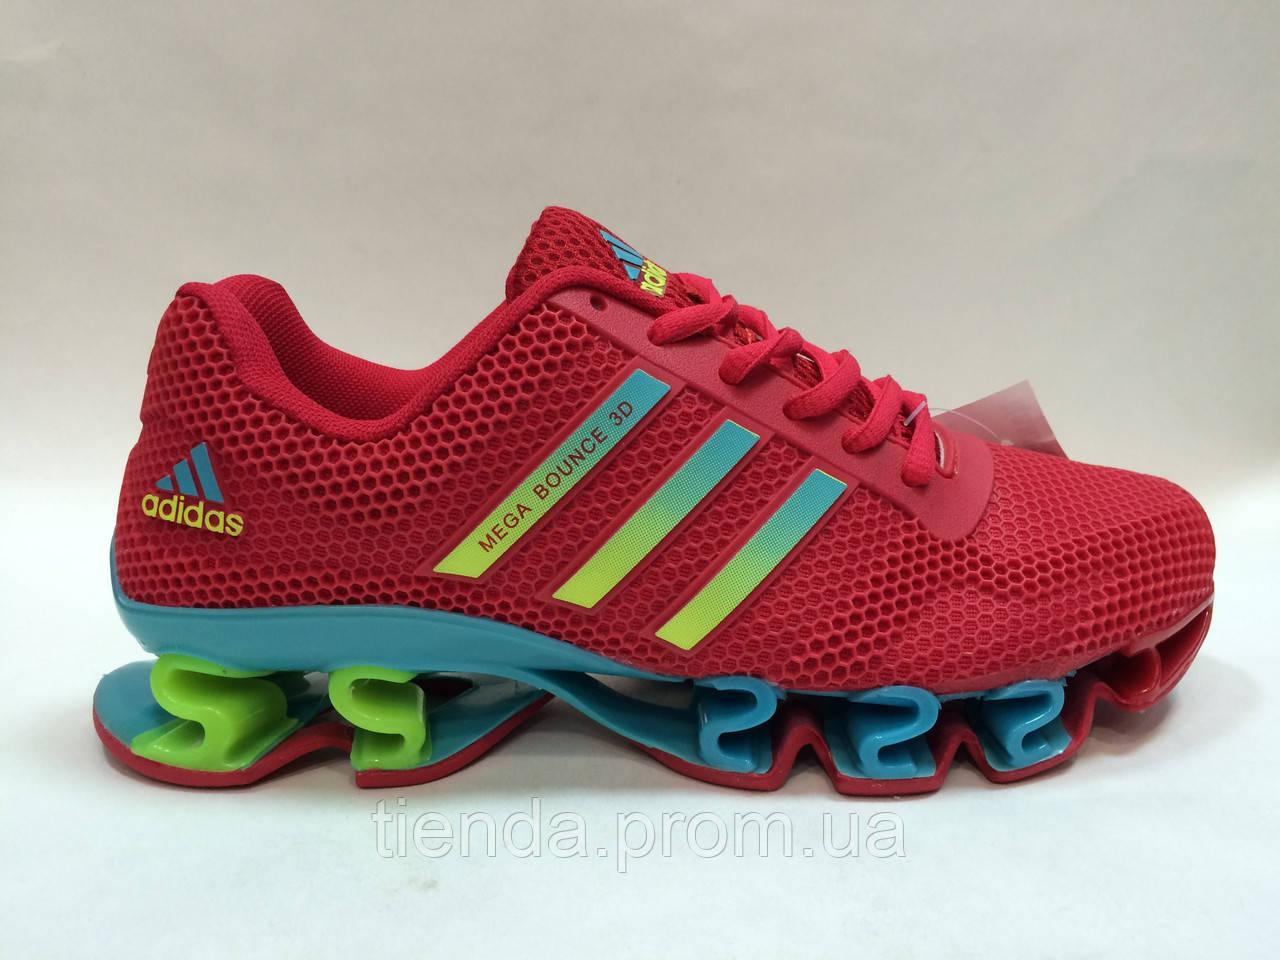 best cheap 3f27e 40997 Женские кроссовки Adidas Mega Bounce 3D красные, цена 1 199 грн., купить в  Харькове — Prom.ua (ID175392339)